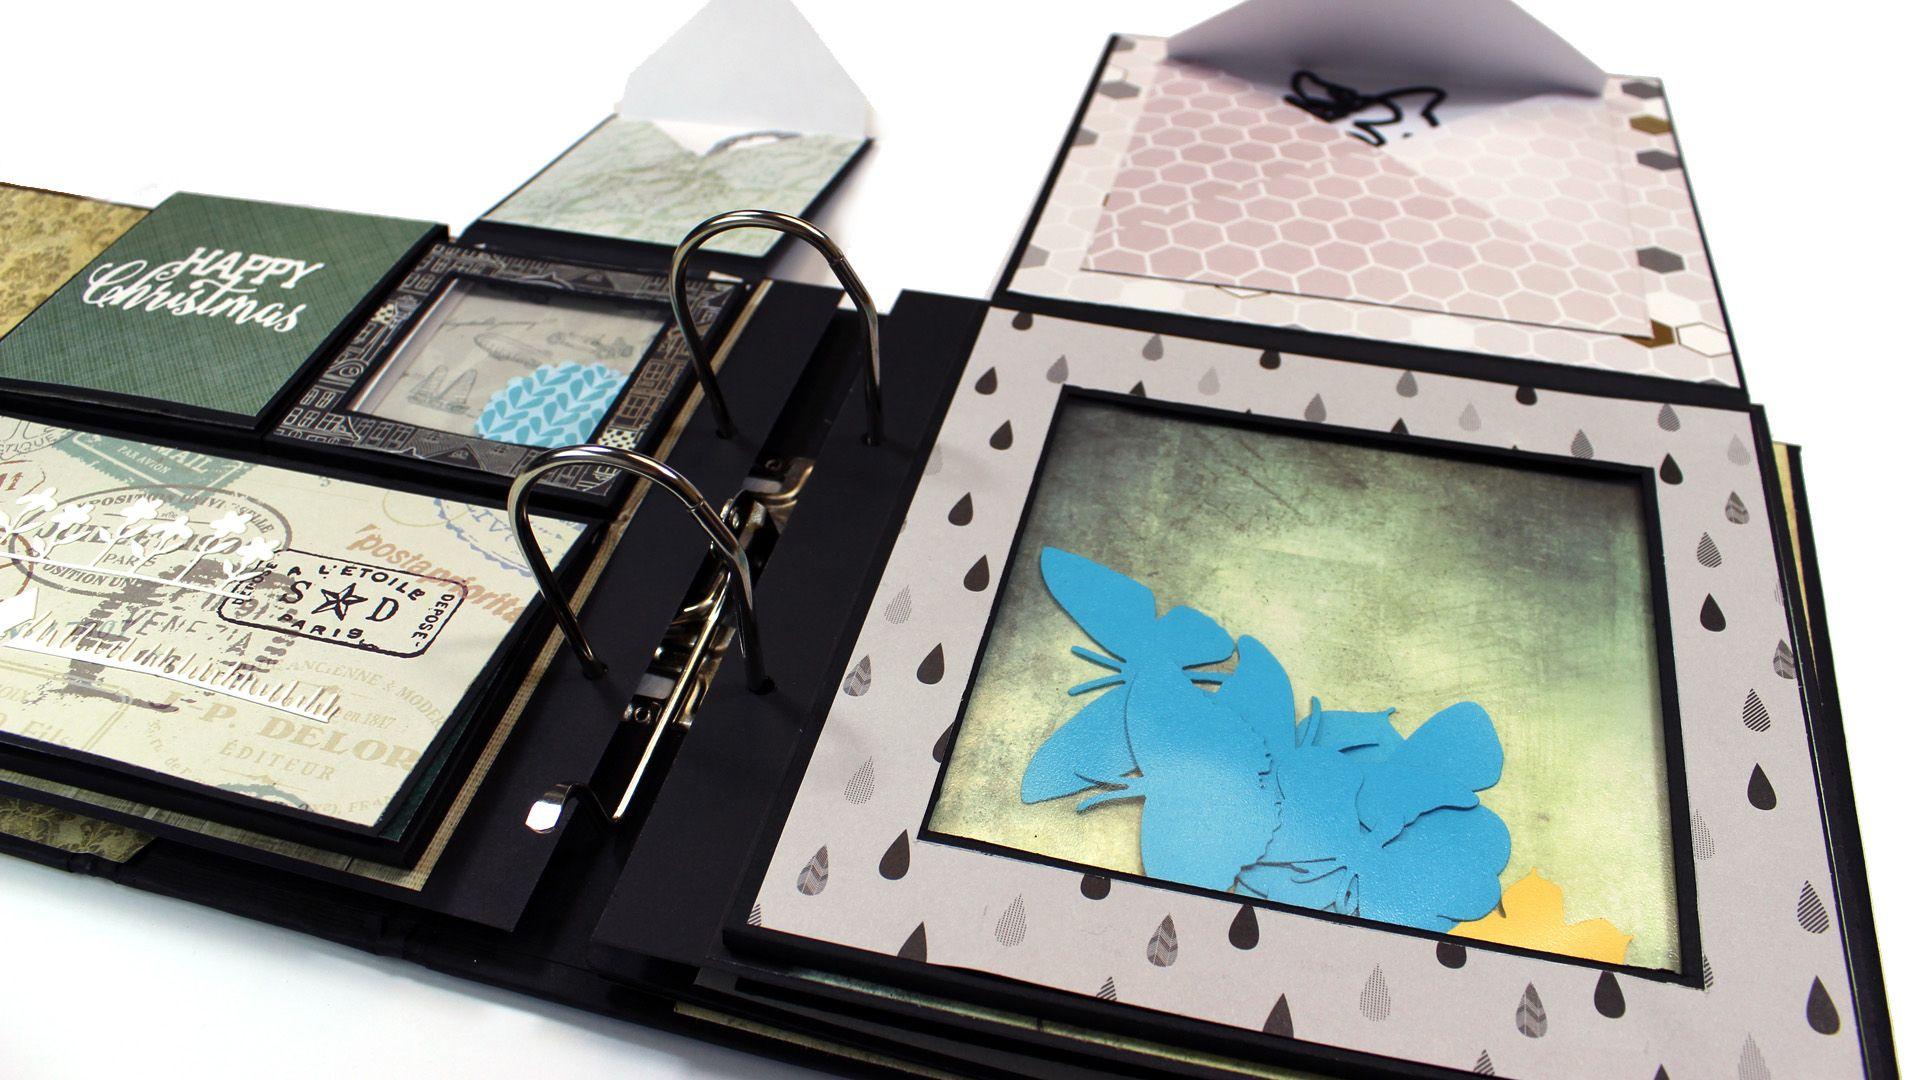 aufbewahrung f r stanzschablonen und stanzteile selber machen scrapbooking paper art. Black Bedroom Furniture Sets. Home Design Ideas